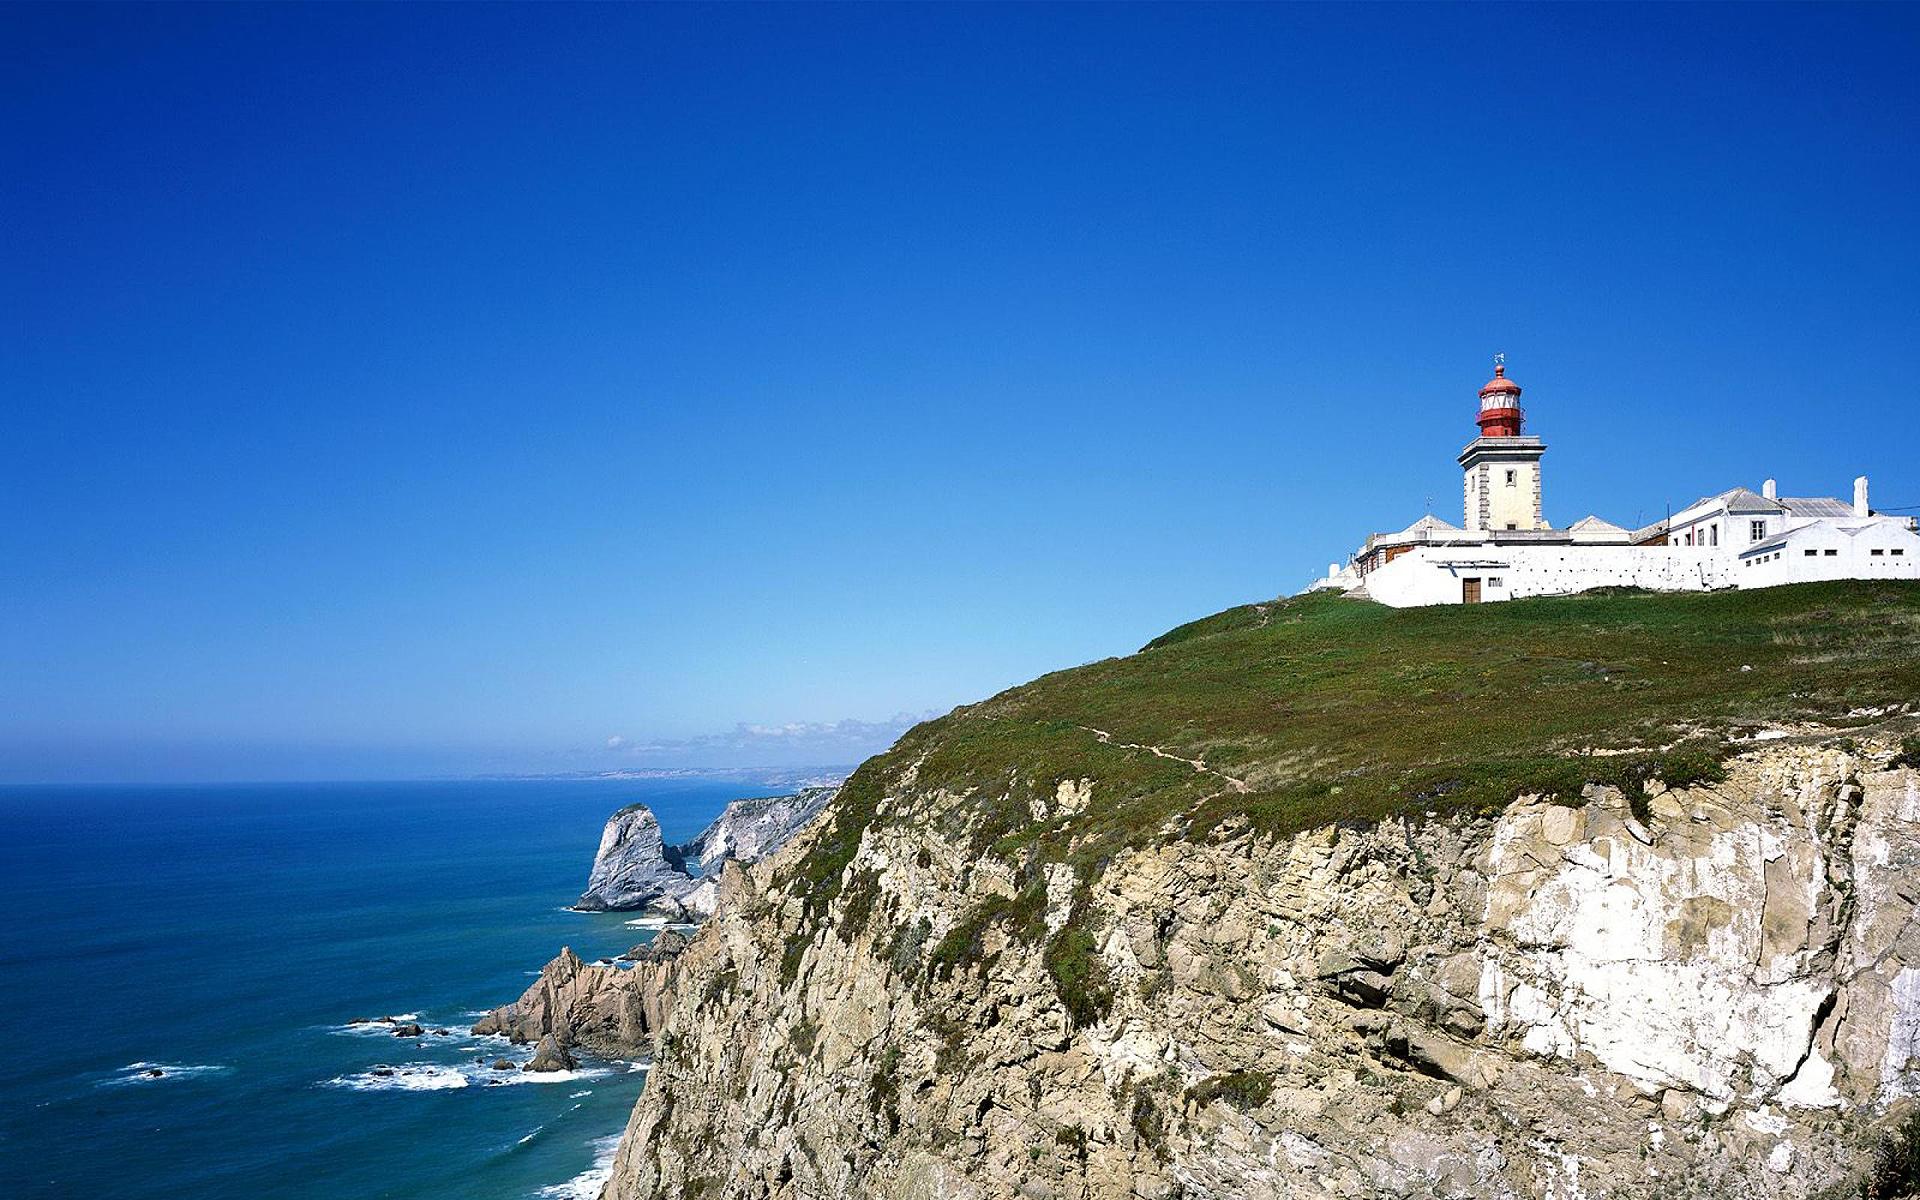 Lighthouse 3d Live Wallpaper Lighthouse Beach Hd Desktop Wallpapers 4k Hd